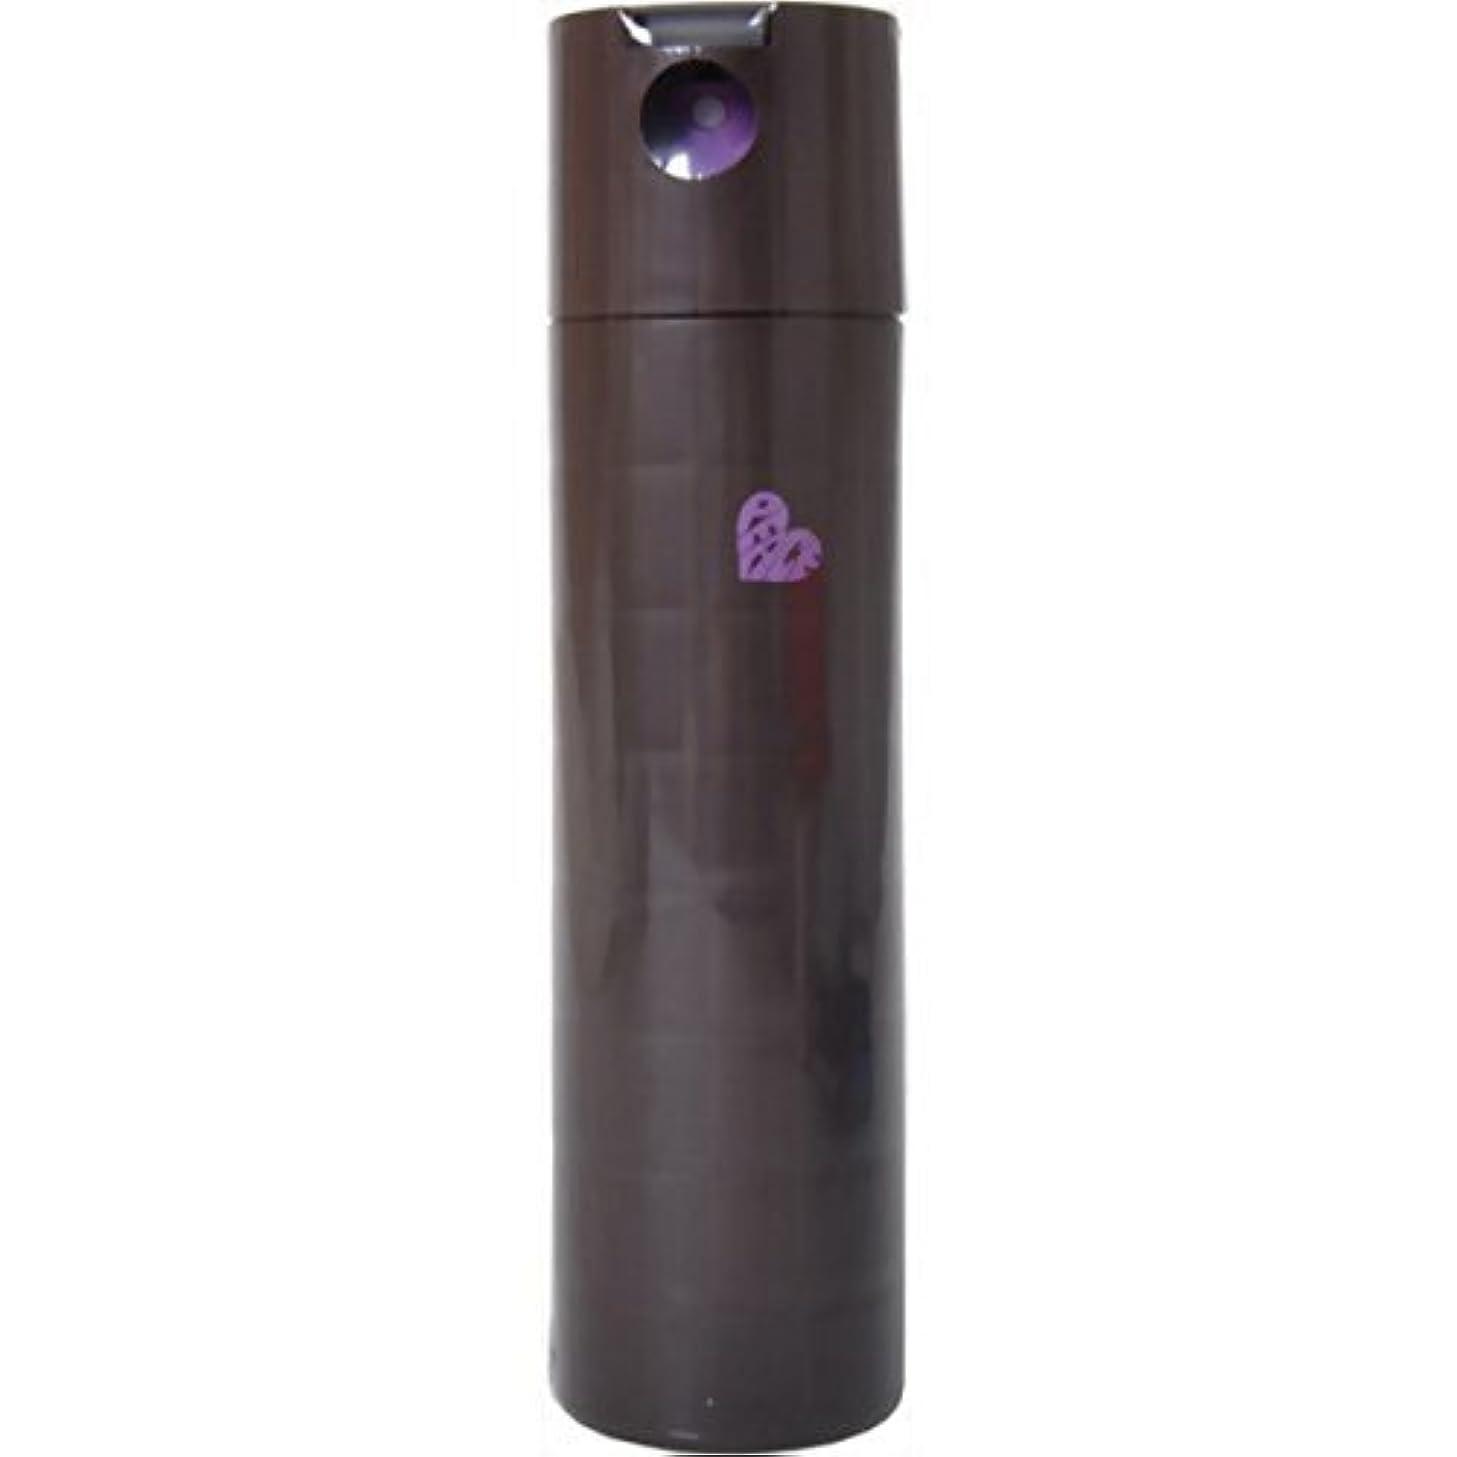 ふける広まった息を切らしてアリミノ ピース カールspray チョコ 138g(200ml) スプレーライン ARIMINO PEACE